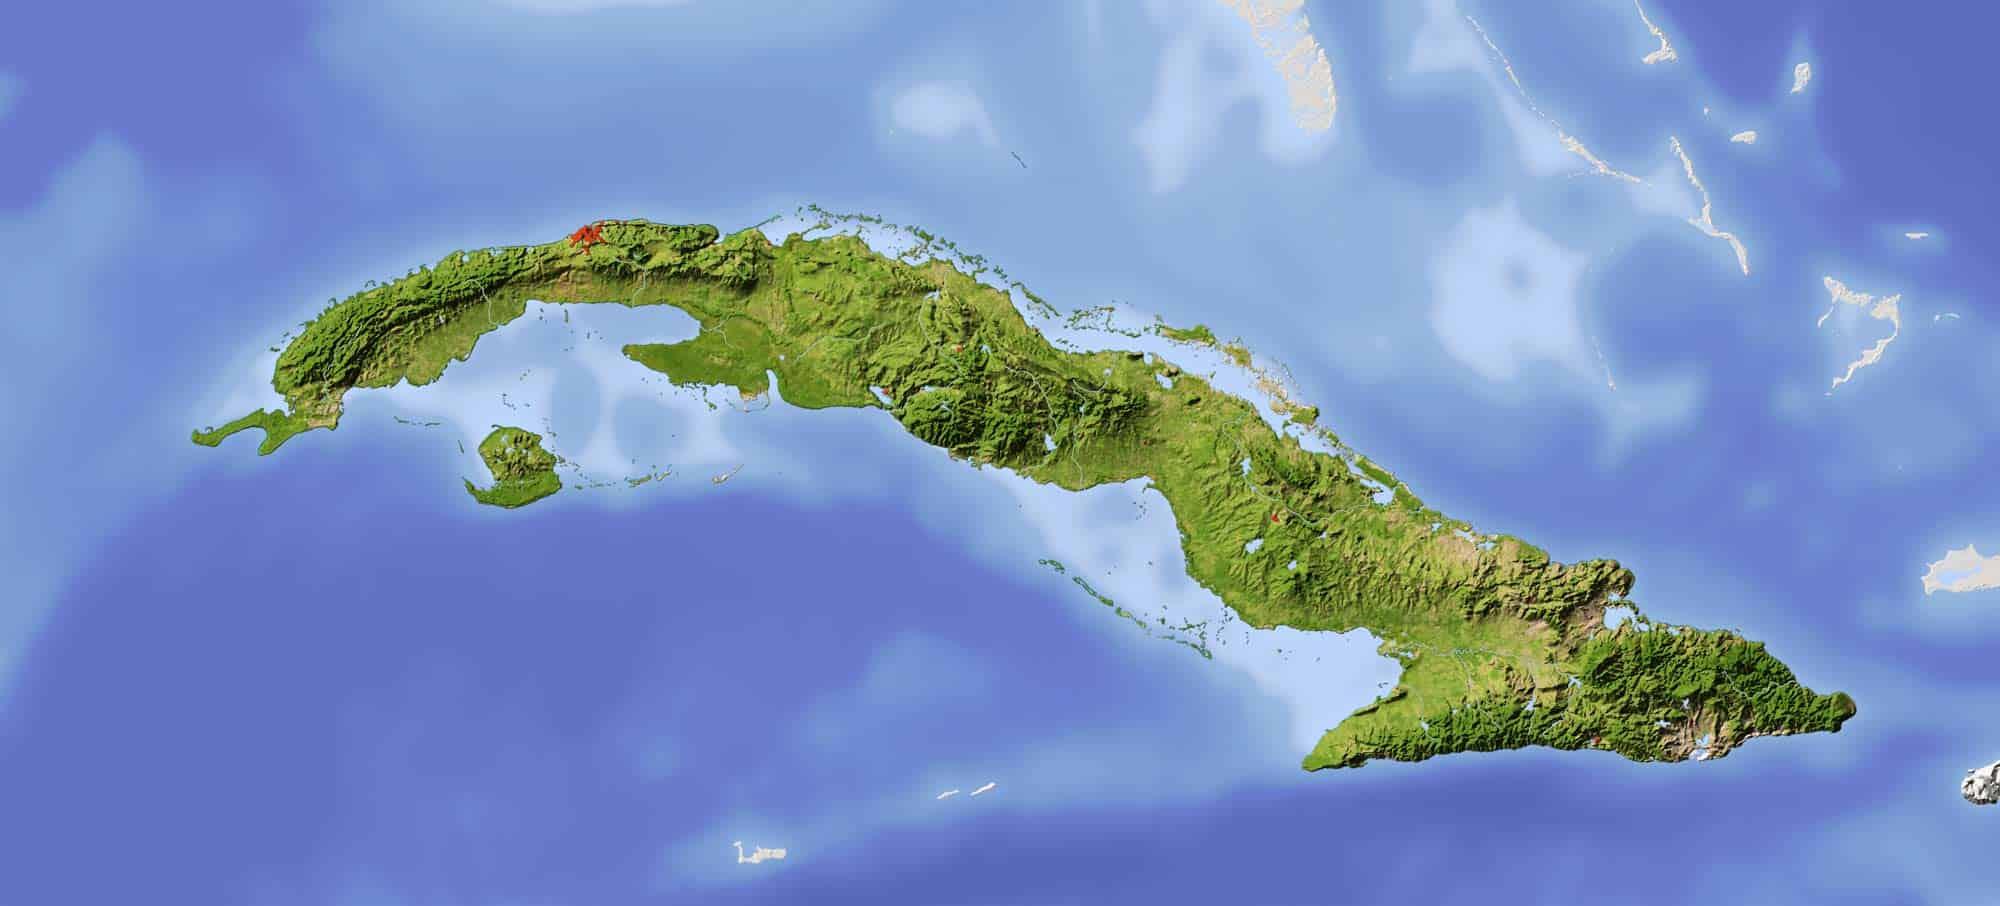 embossed cuba map